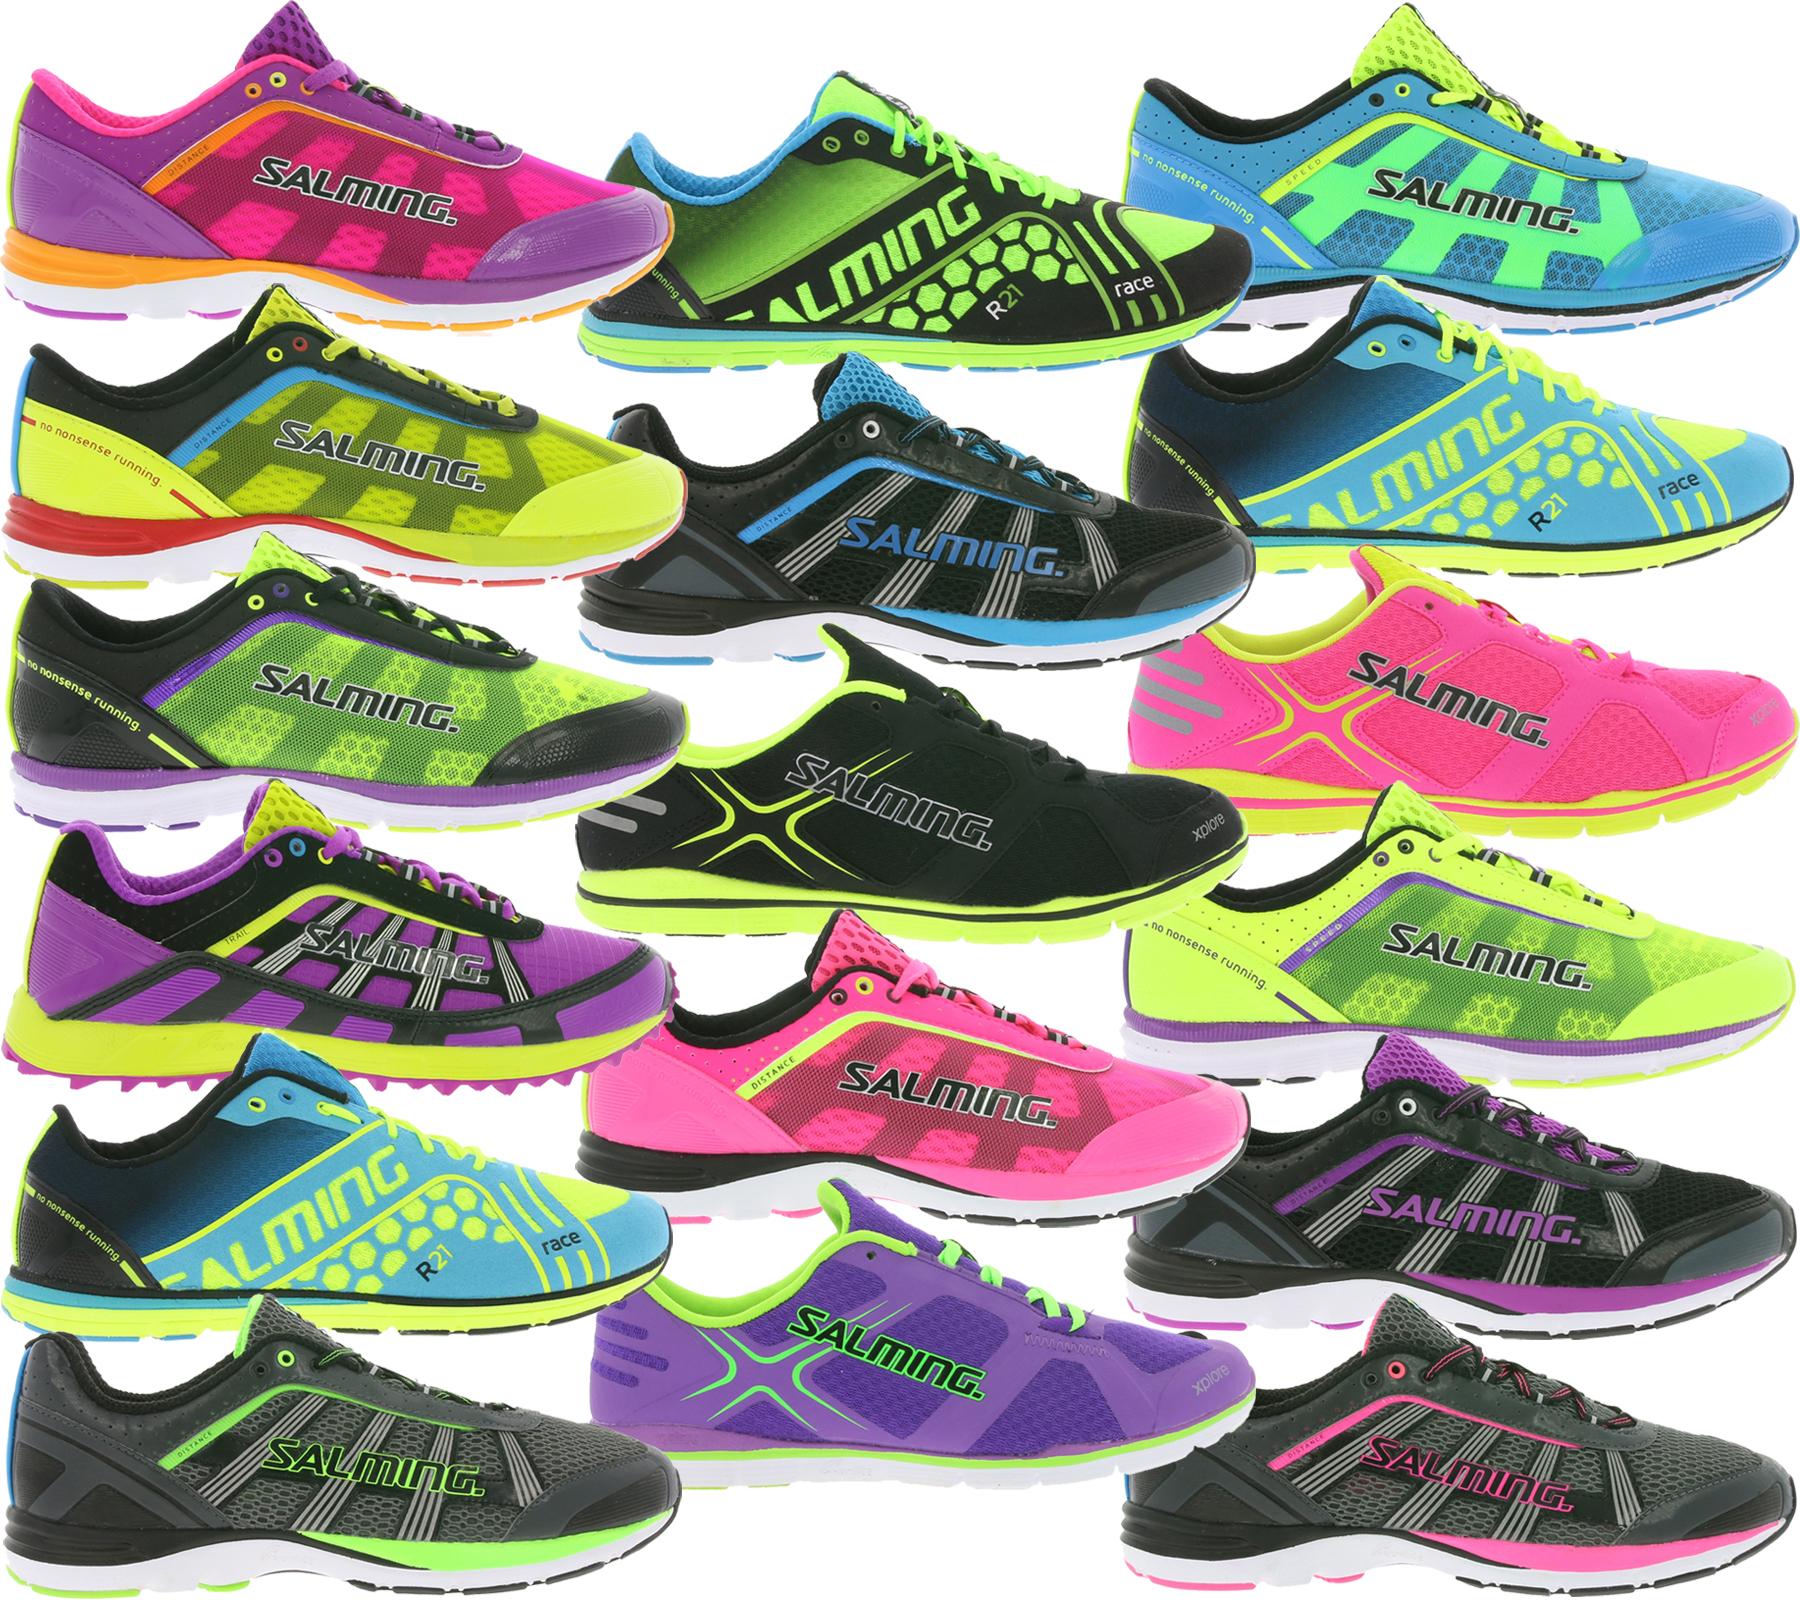 Bis zu -92% auf SALMING Laufschuhe für Damen und Herren Distance, Speed, Race, XPlore, Trail T1 @Outlet46